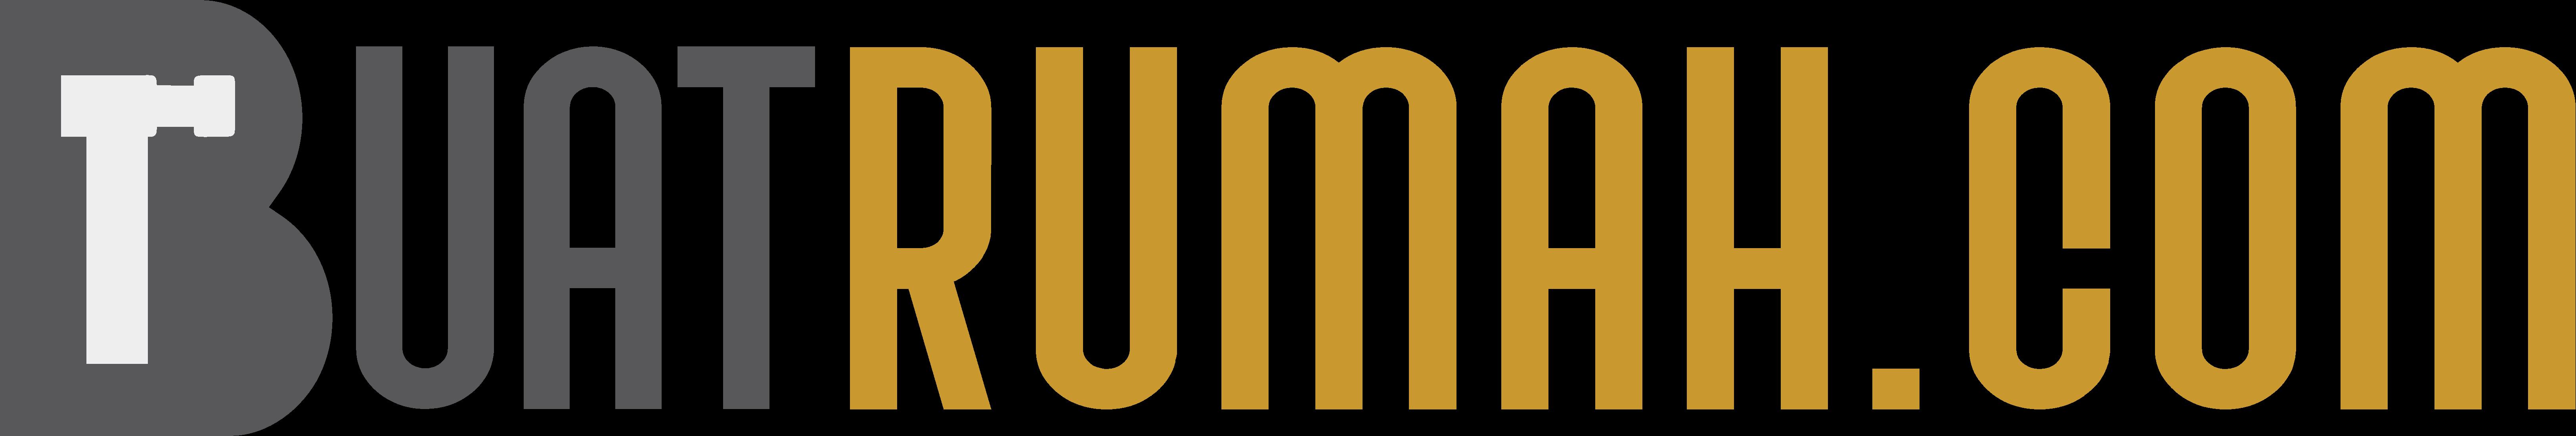 BuatRumah.com